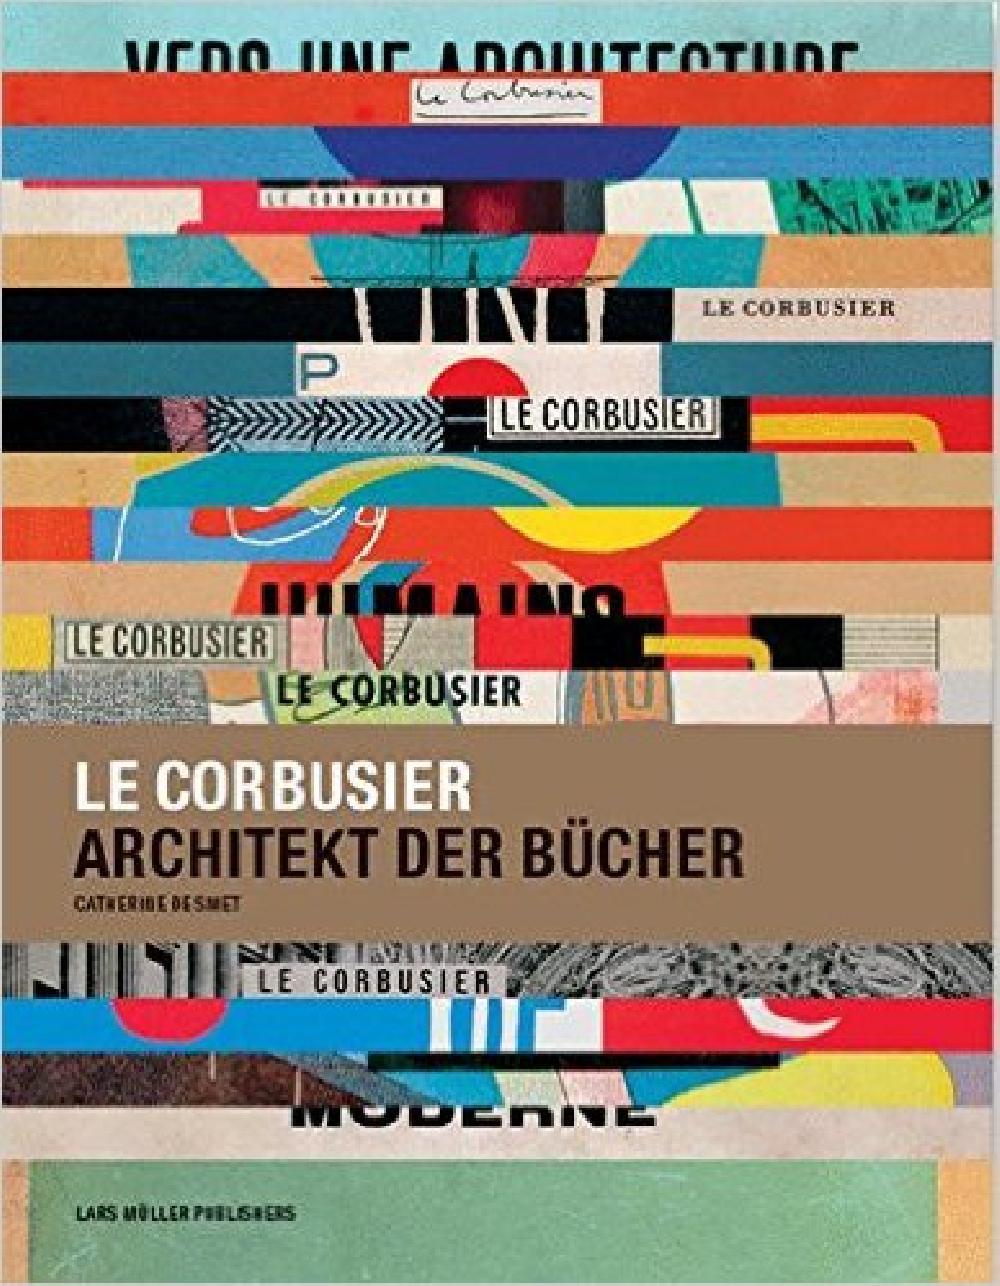 Le Corbusier Architekt der Bucher